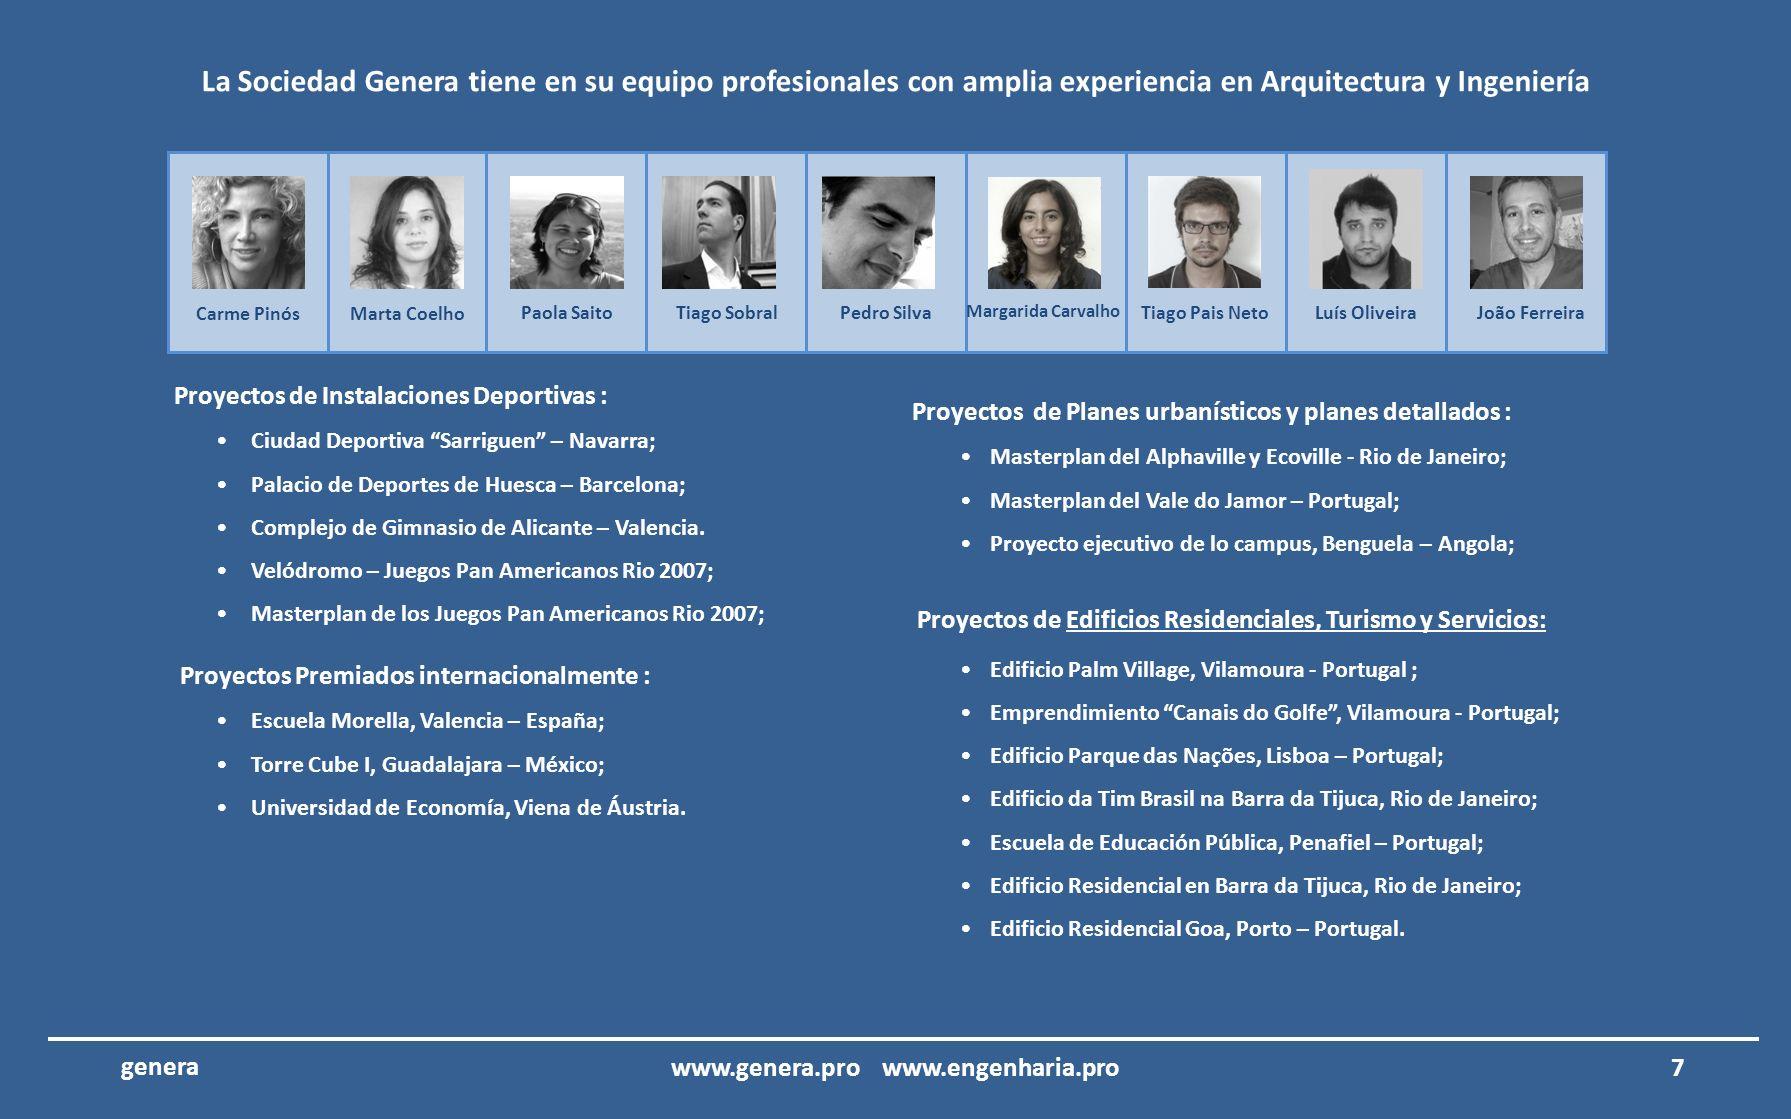 La Sociedad Genera tiene en su equipo profesionales con amplia experiencia en Arquitectura y Ingeniería 1 – Dirección Técnica y de Ingeniería de Proye